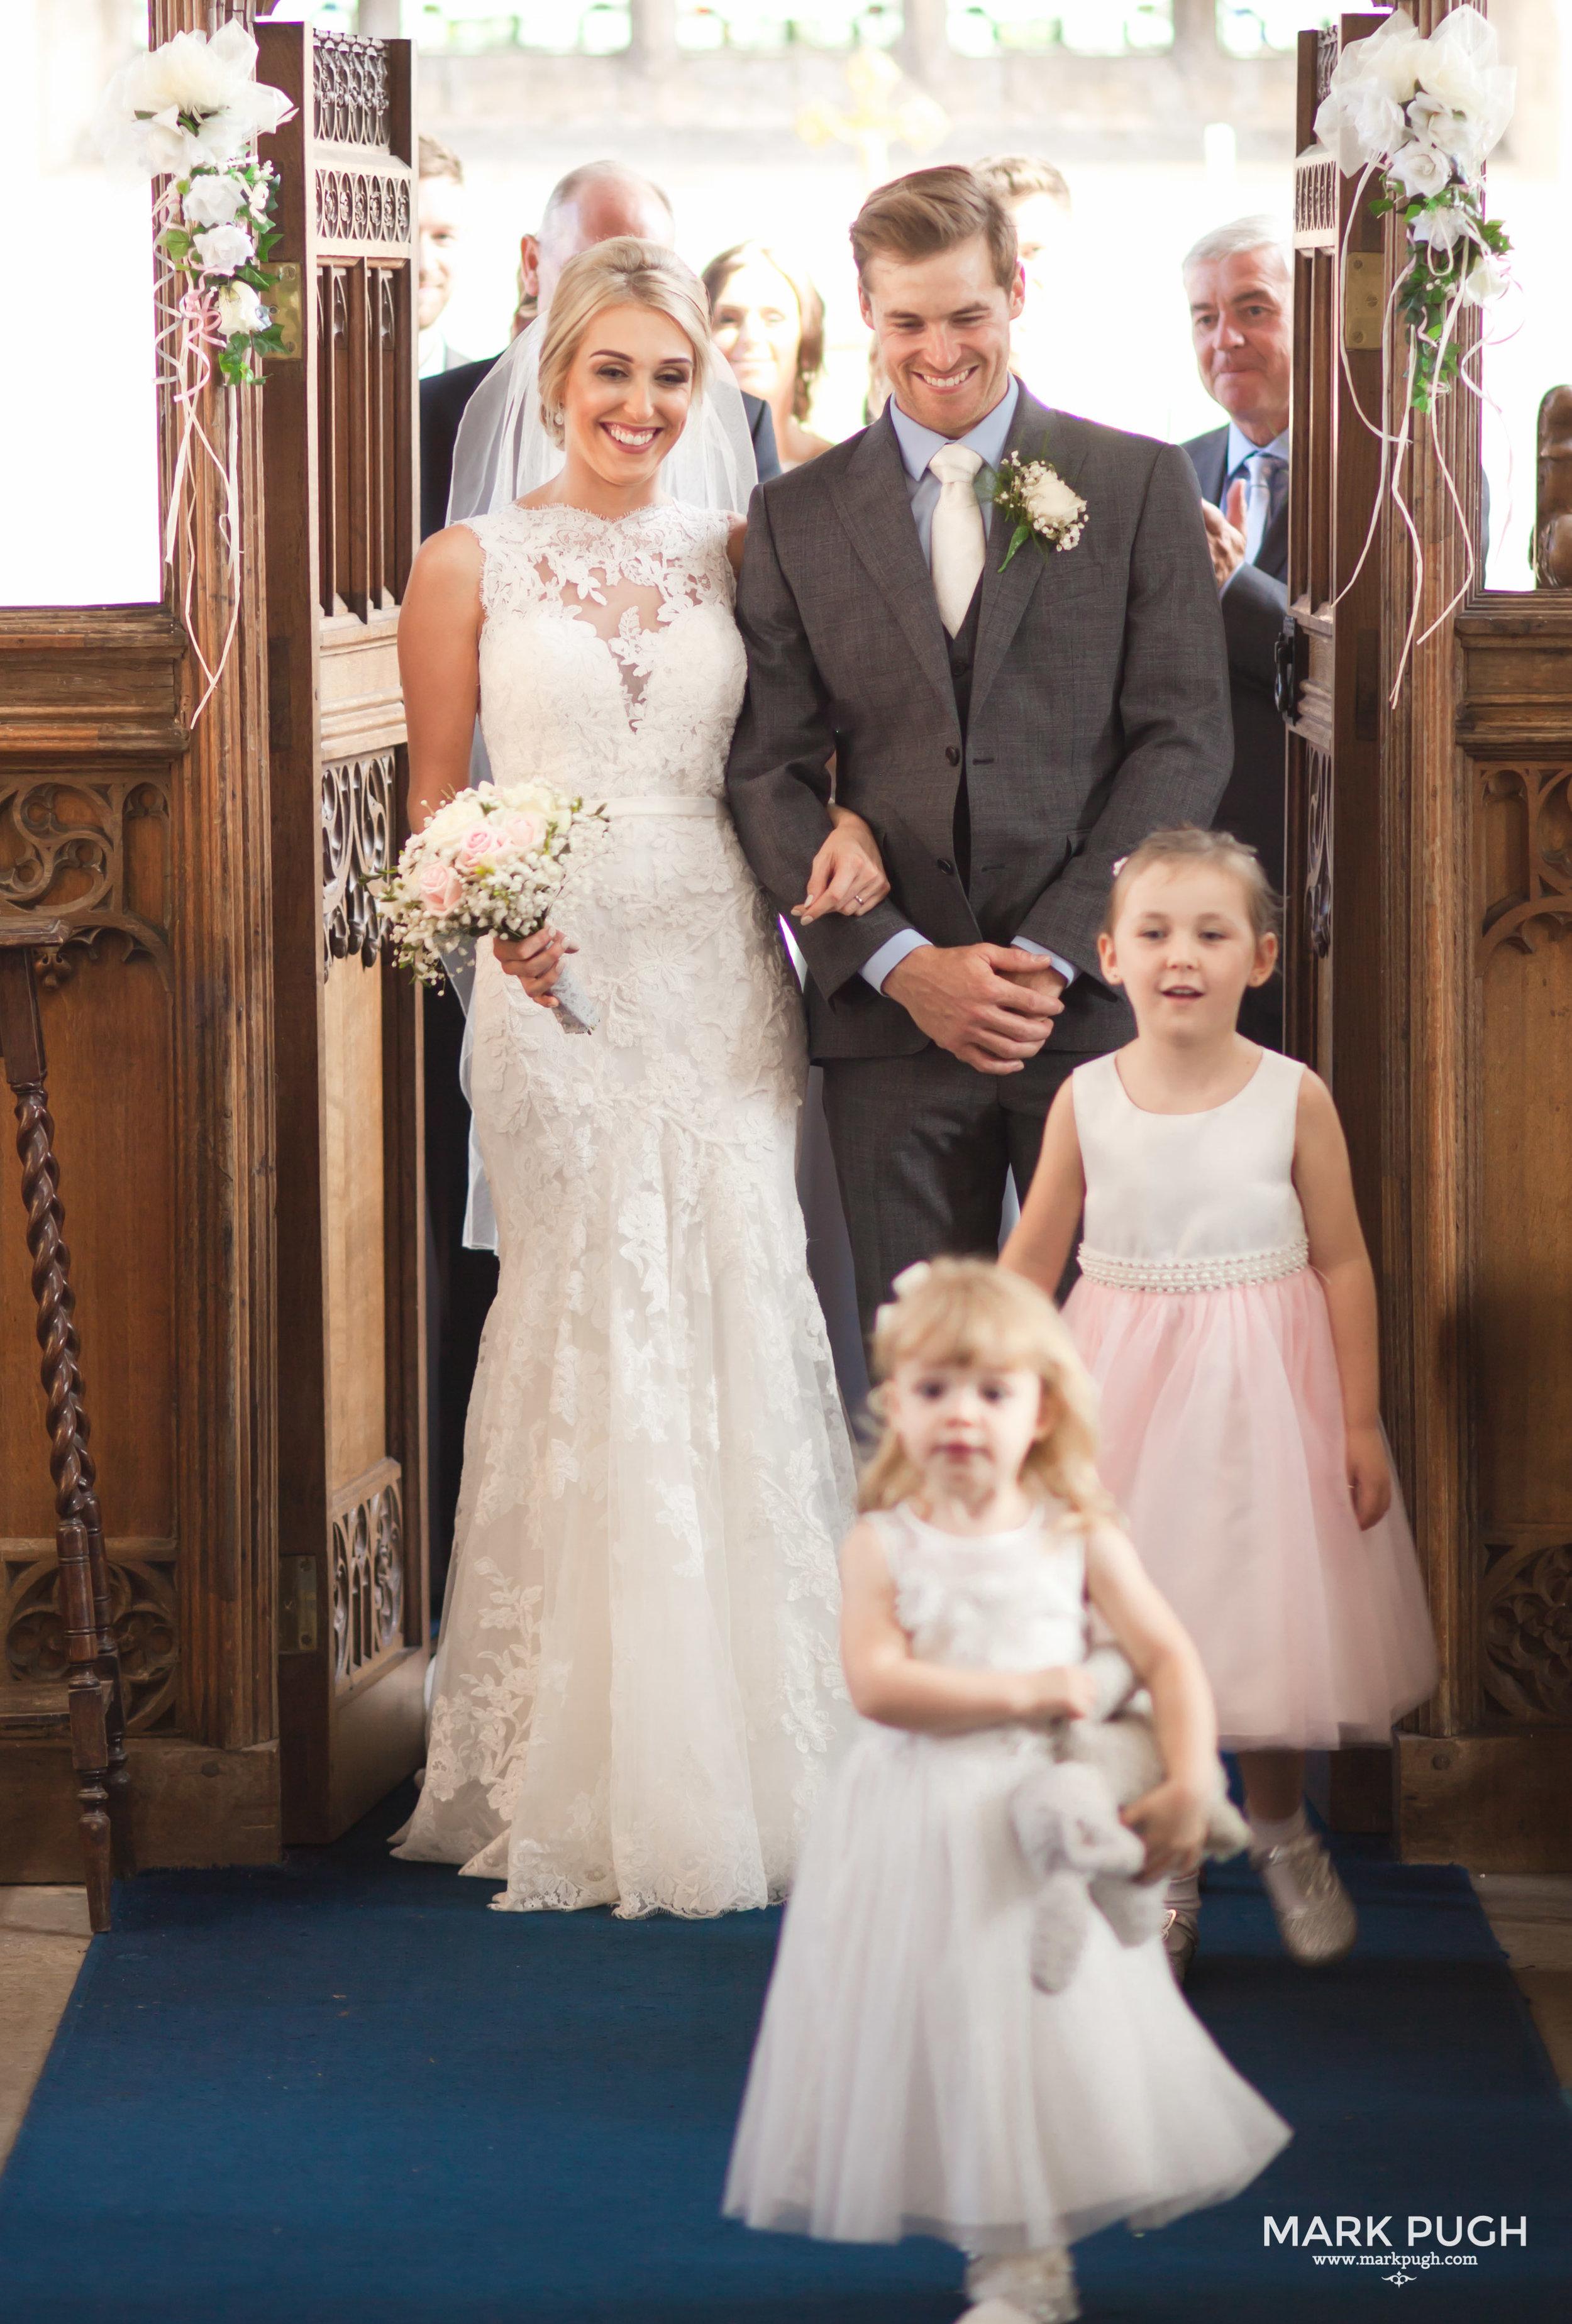 095 - fineART photography by www.markpugh.com Mark Pugh of www.mpmedia.co.uk_.JPG